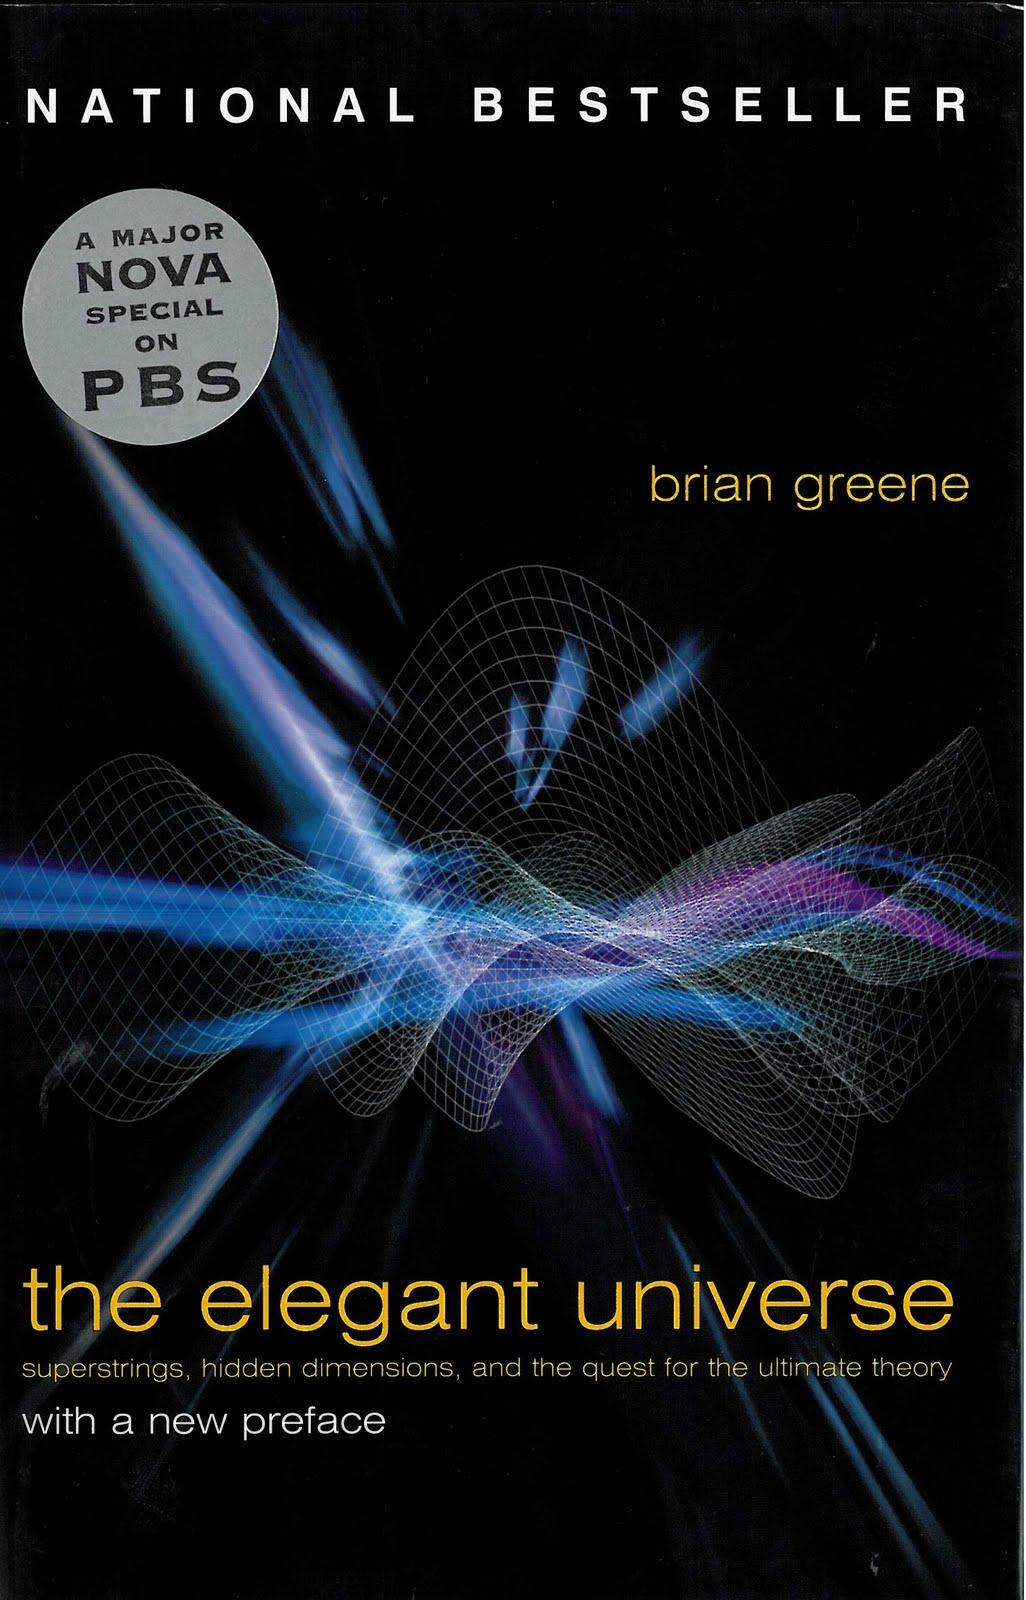 http://3.bp.blogspot.com/_L4pOx1ELQ8c/S898QtcTIJI/AAAAAAAAAGI/fQetVcIdrT8/s1600/elegant-universe.jpg